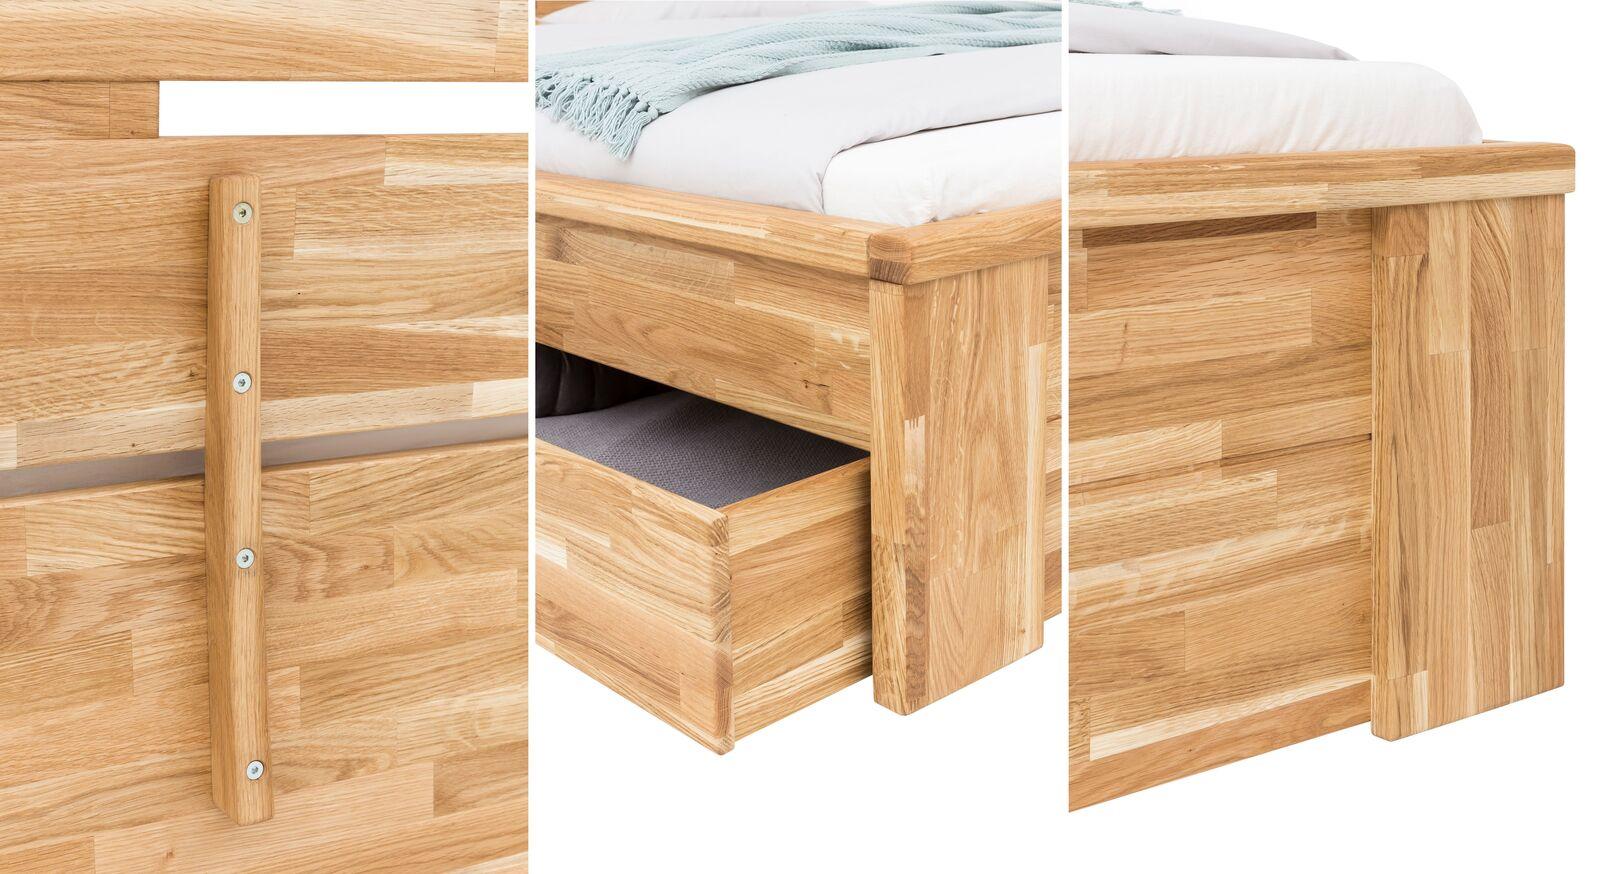 Hochwertig verarbeitetes Schubkasten-Bett Sumak